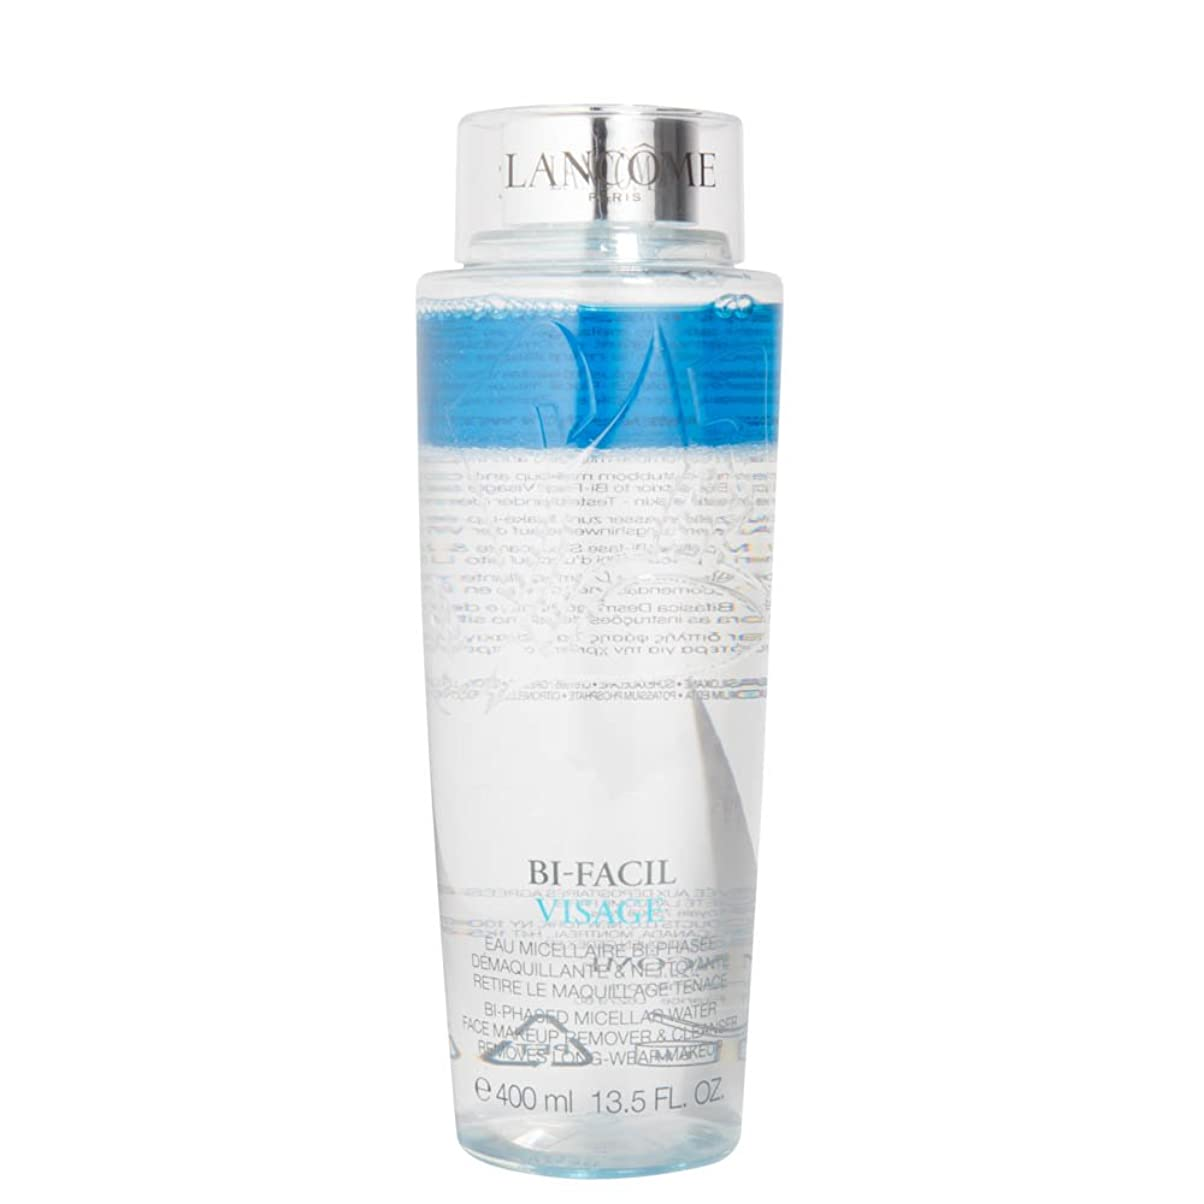 去る魔術師本会議ランコム Bi Facil Visage Bi-Phased Micellar Water Face Makeup Remover & Cleanser 400ml/13.5oz並行輸入品